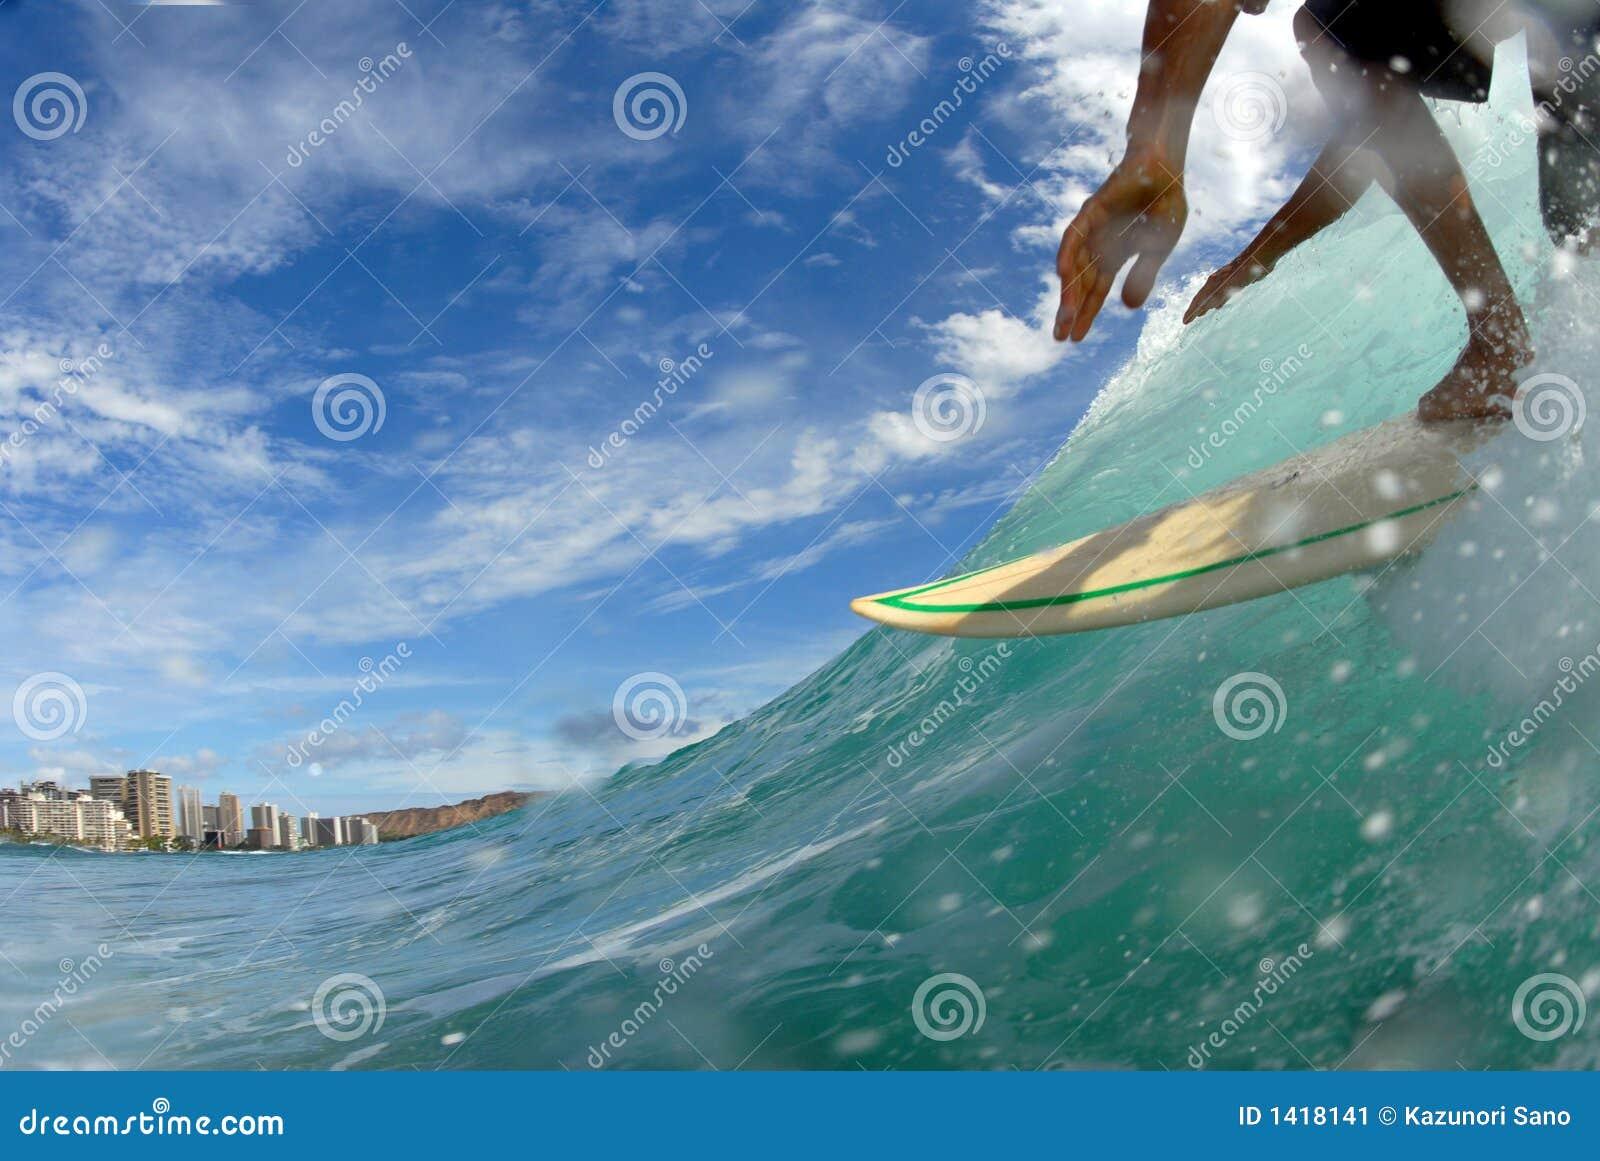 Surfen hinunter die Zeile